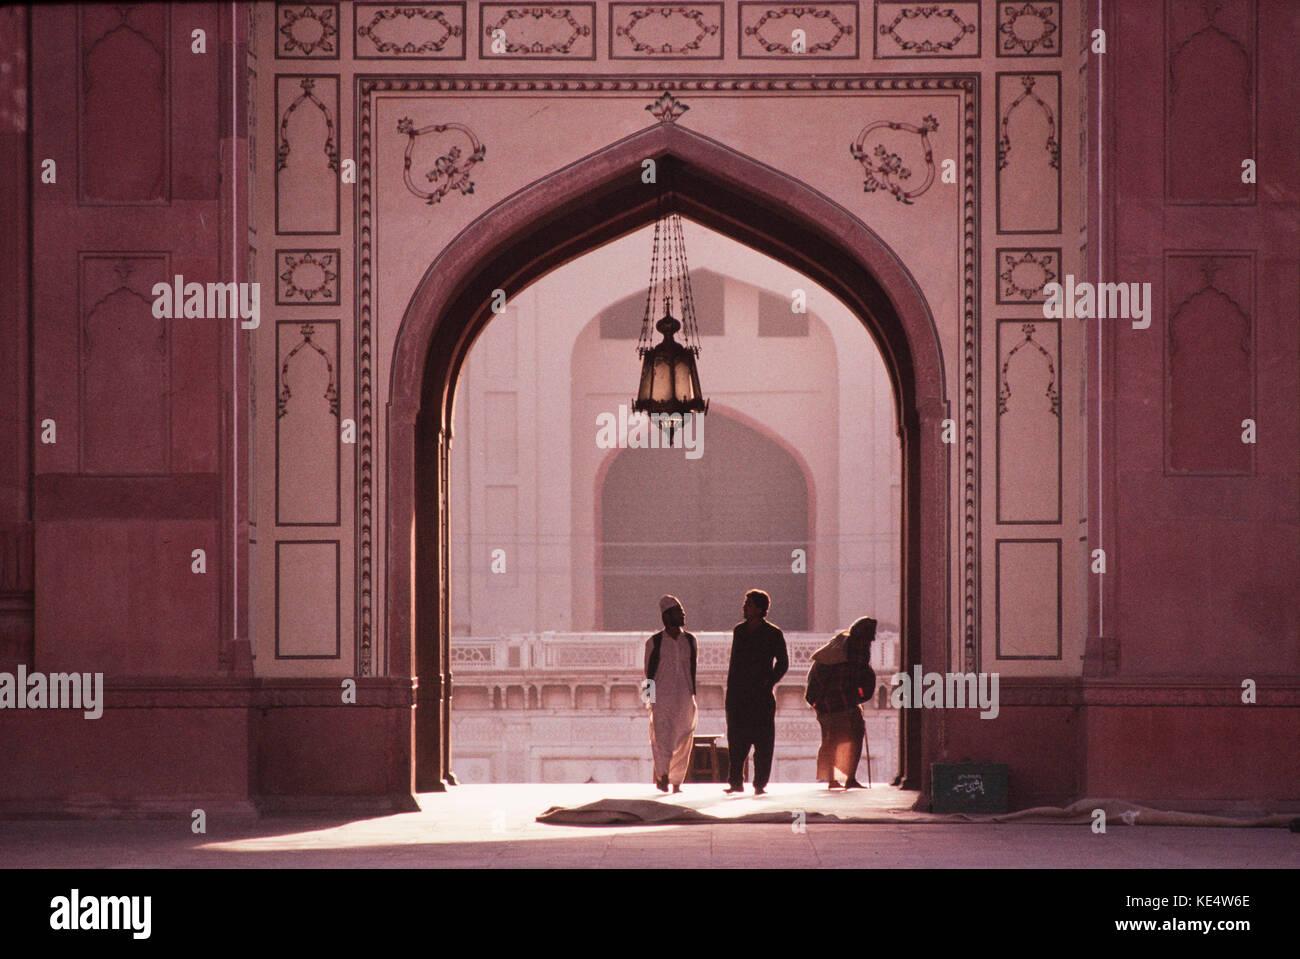 La gente que viene a través de la entrada principal de la Mezquita Badshahi en Lahore, Pakistán. Foto de stock